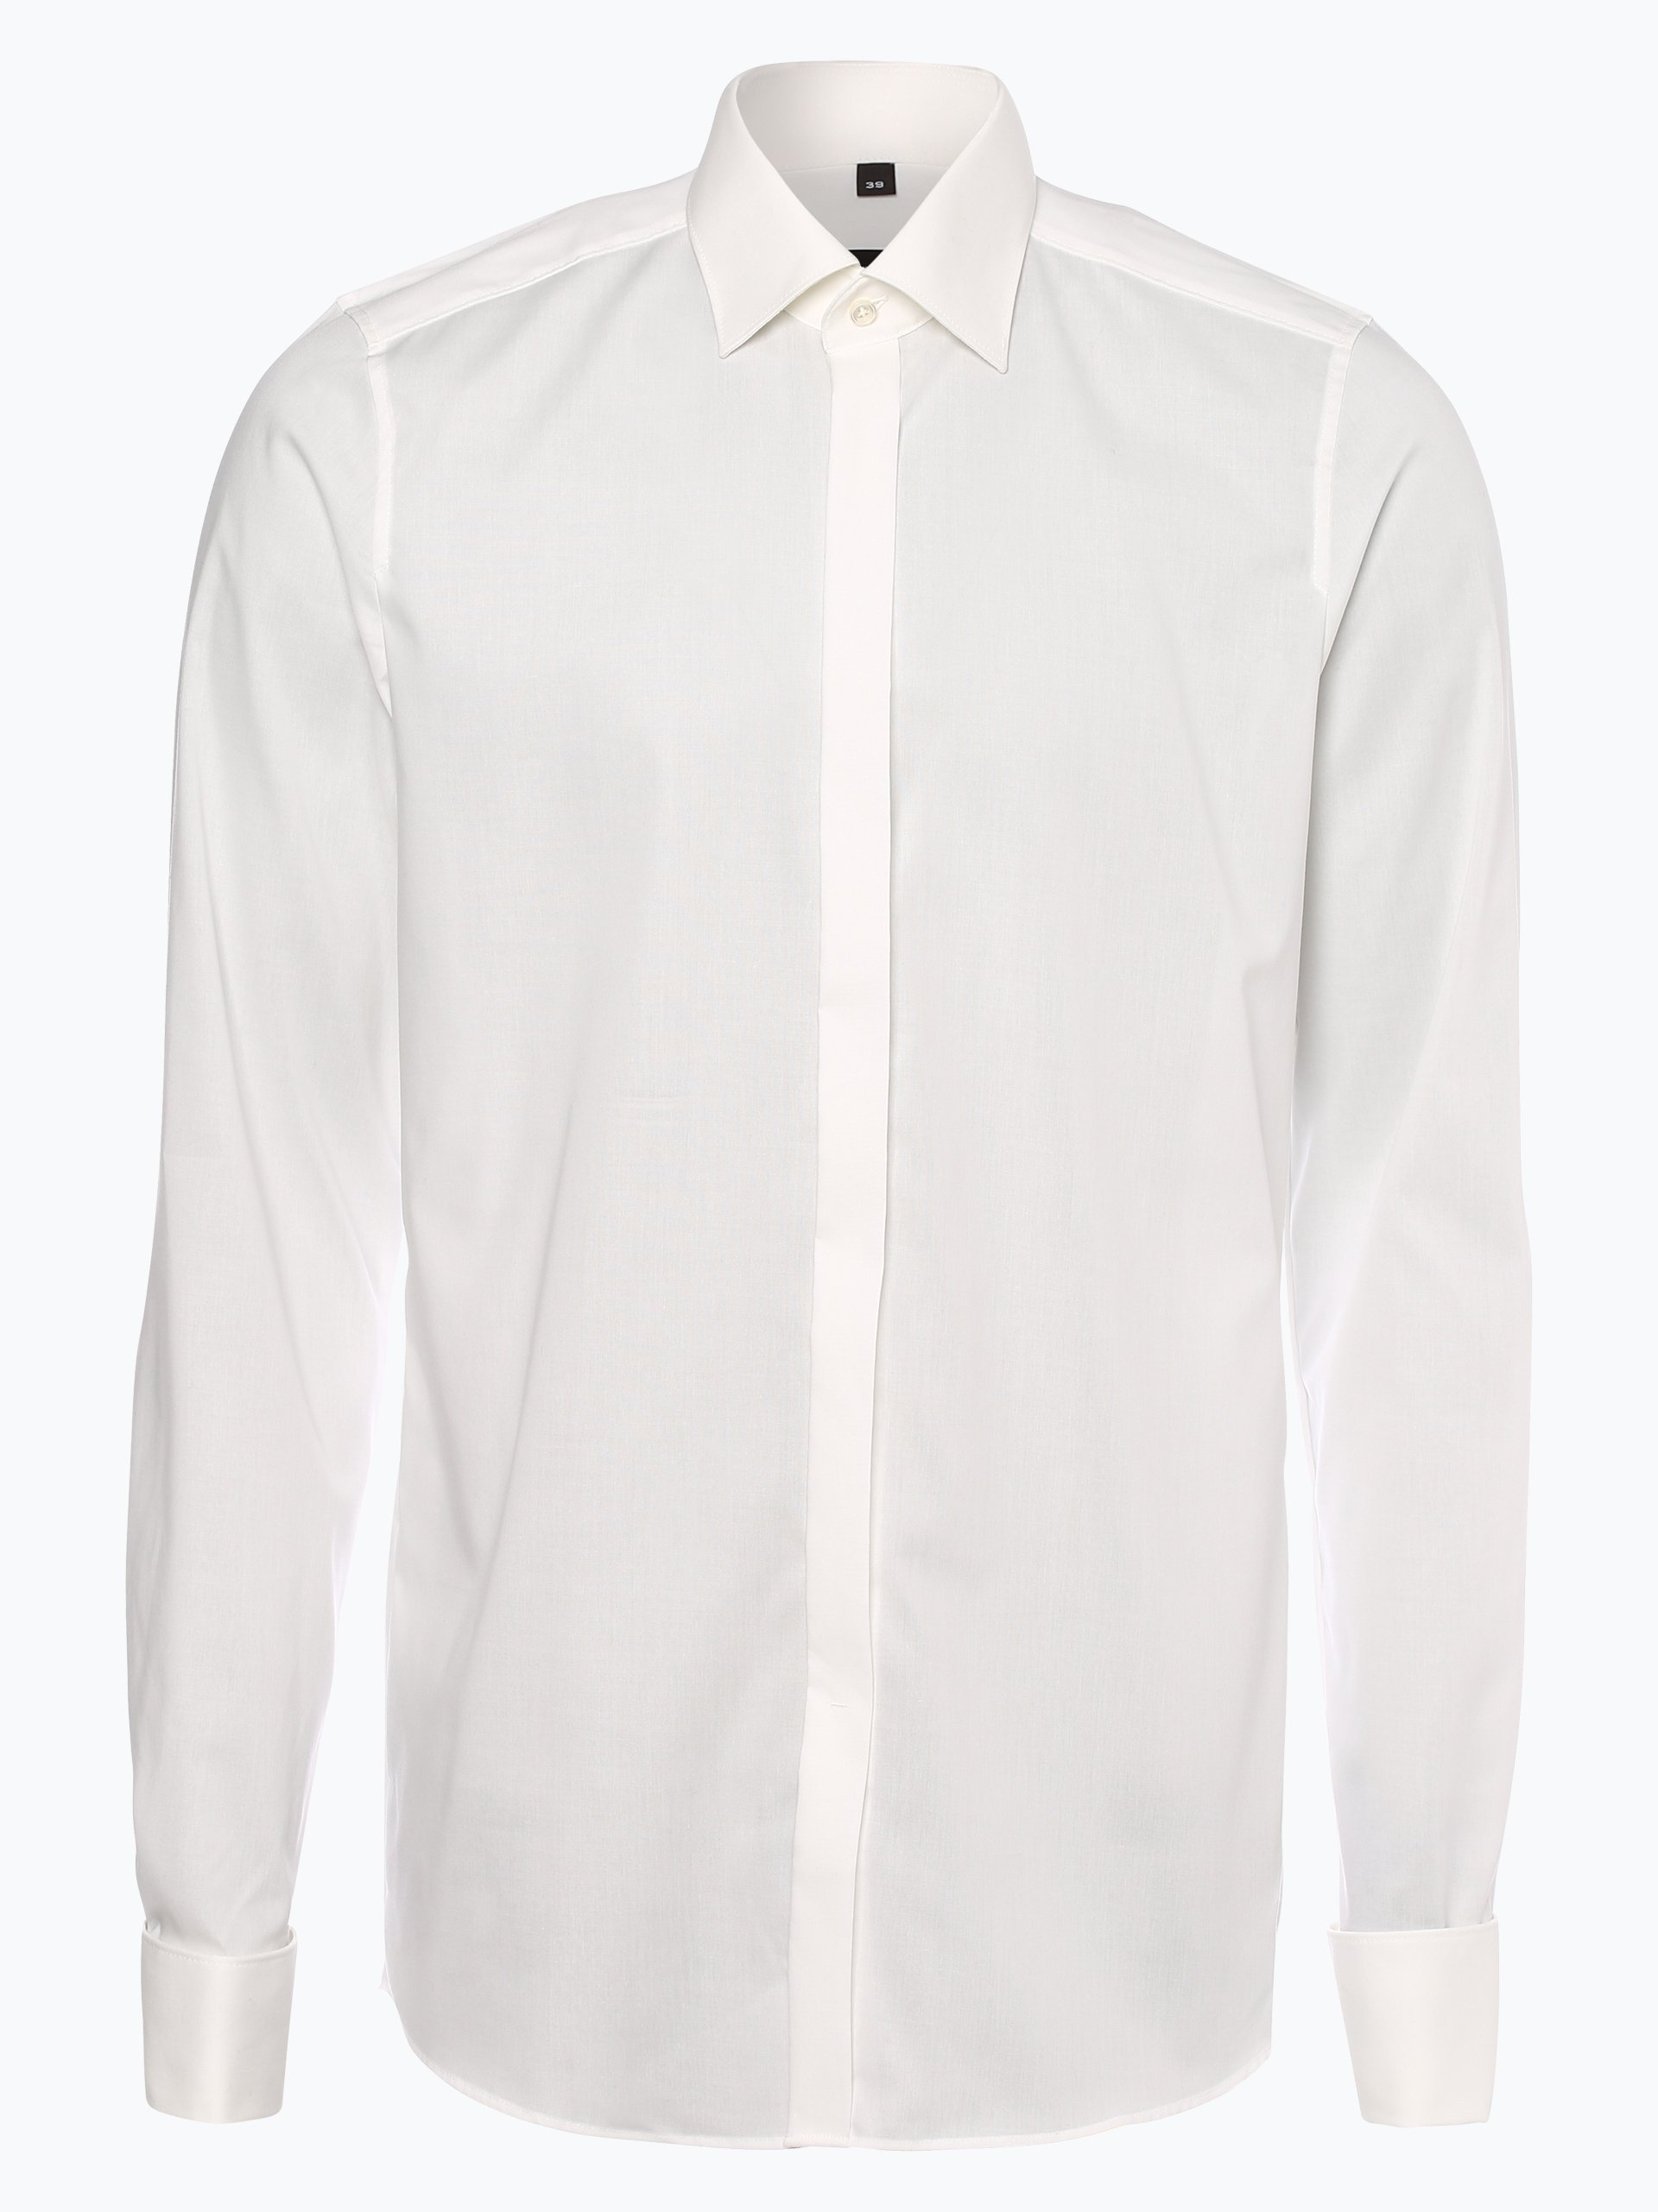 Finshley & Harding Herren Hemd mit Umschlagmanschetten - Extralange Ärmel